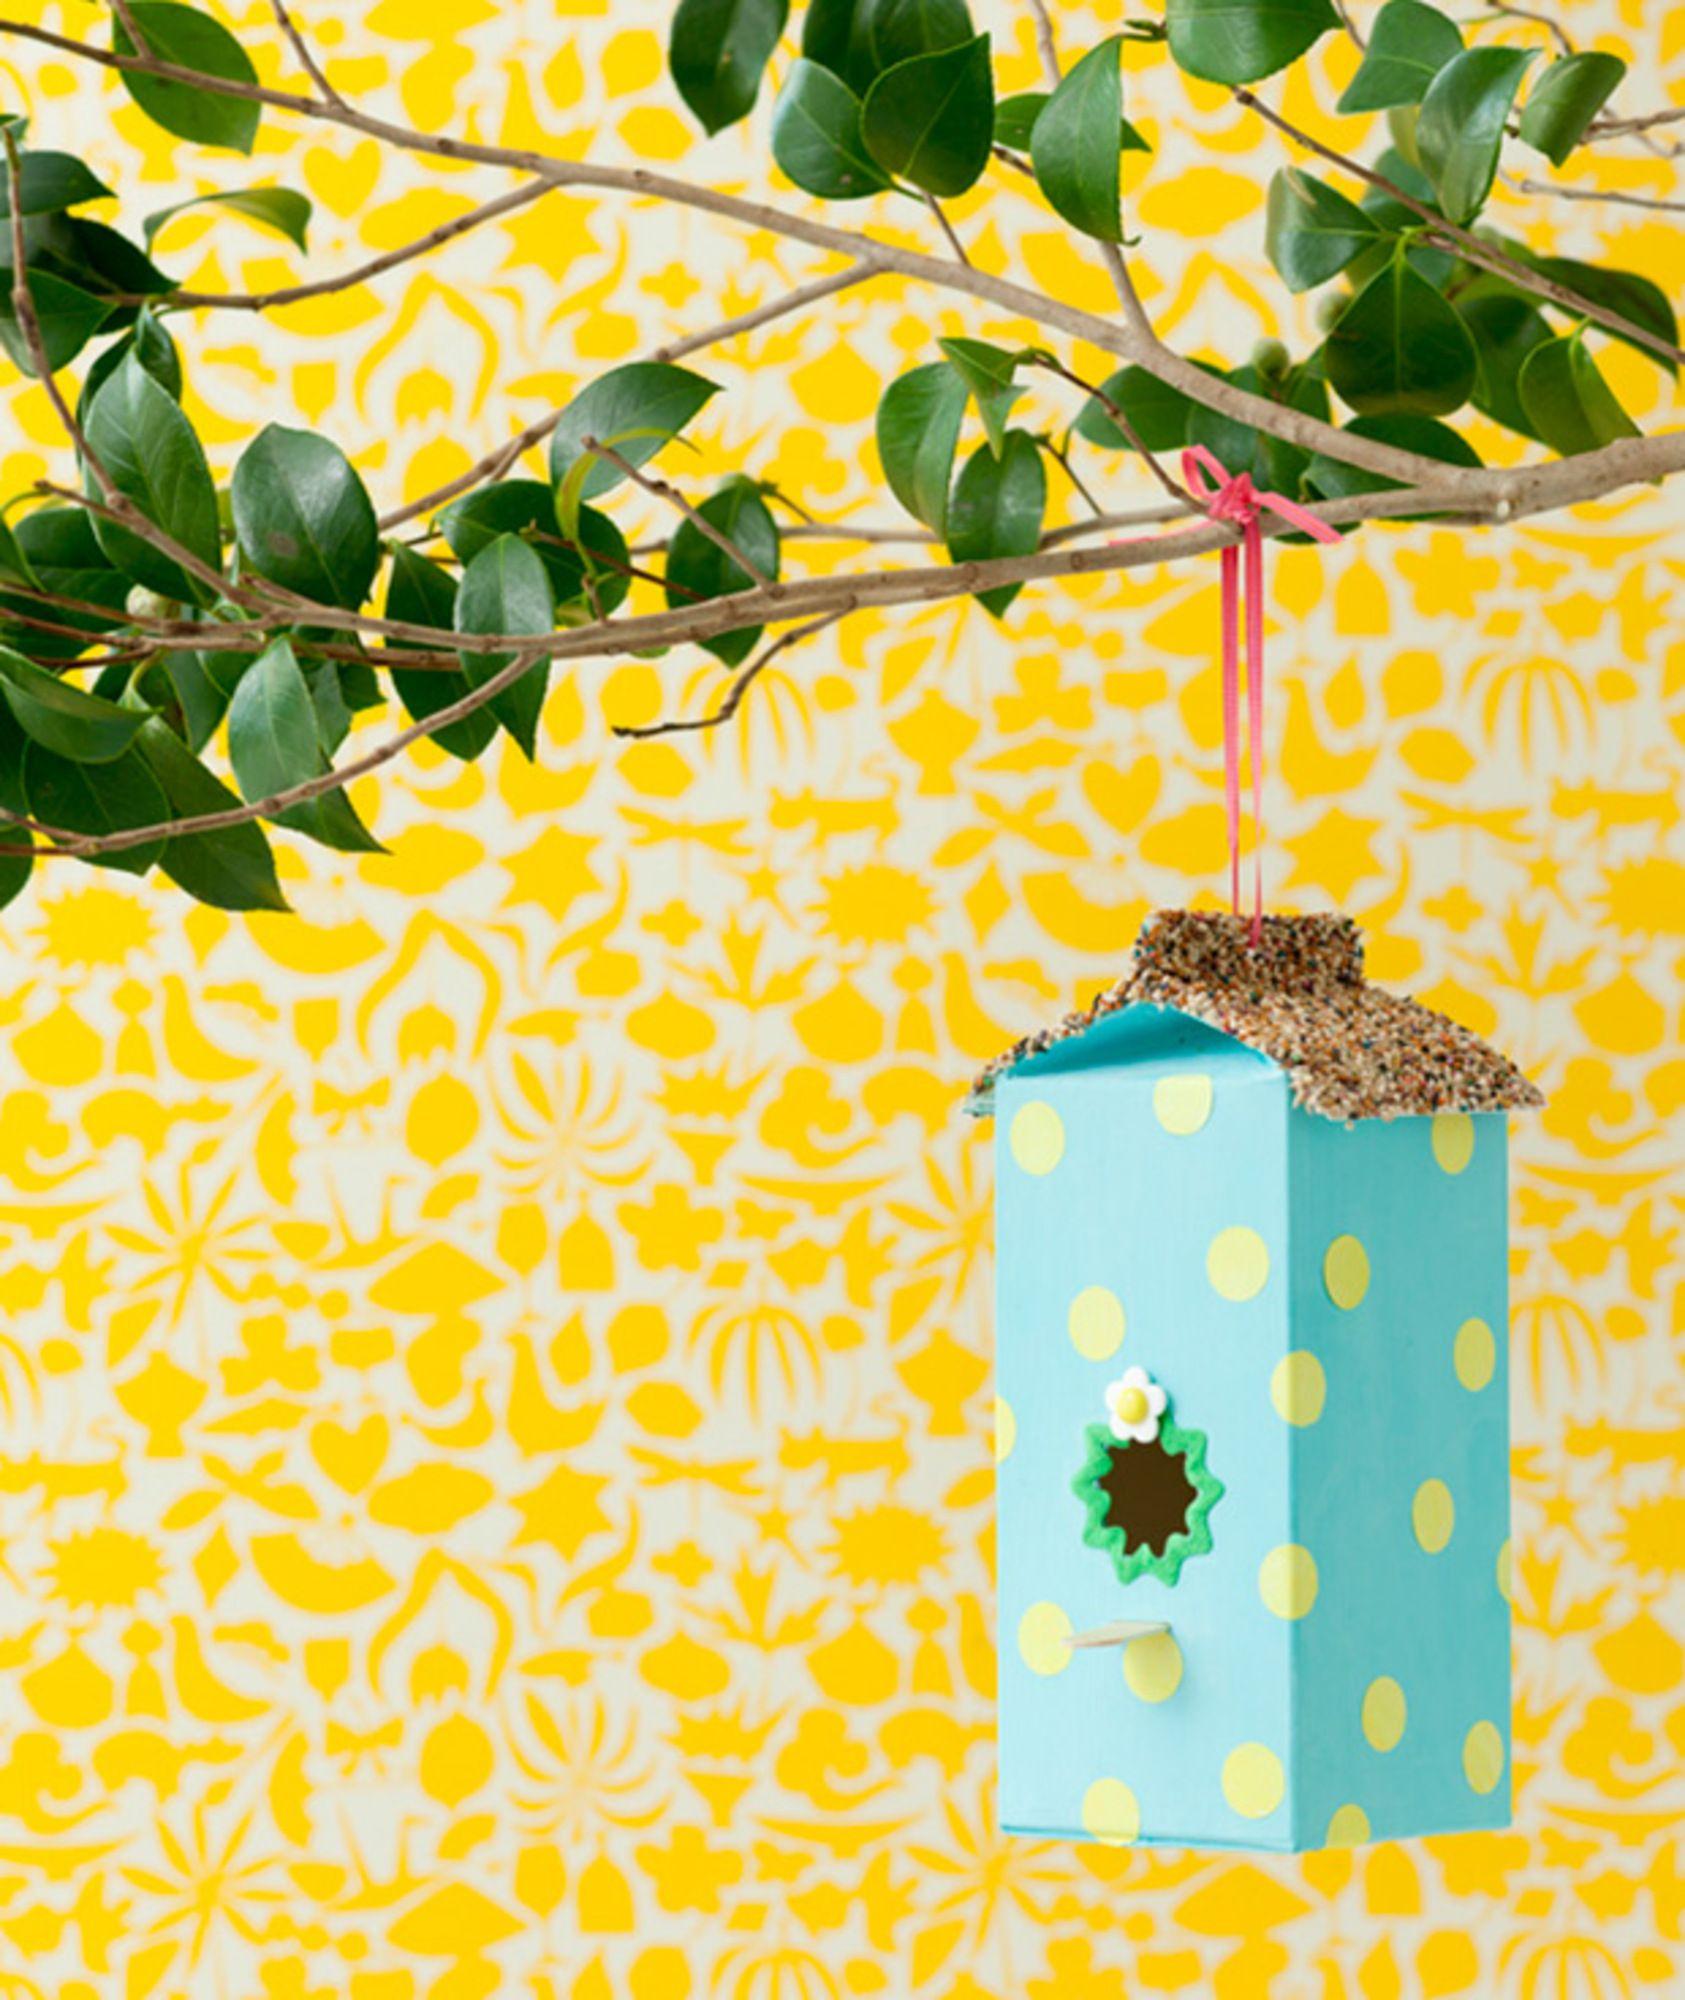 Feita em caixa de leite_INSPIRAÇÃO DIY | CASA DE PASSARINHO